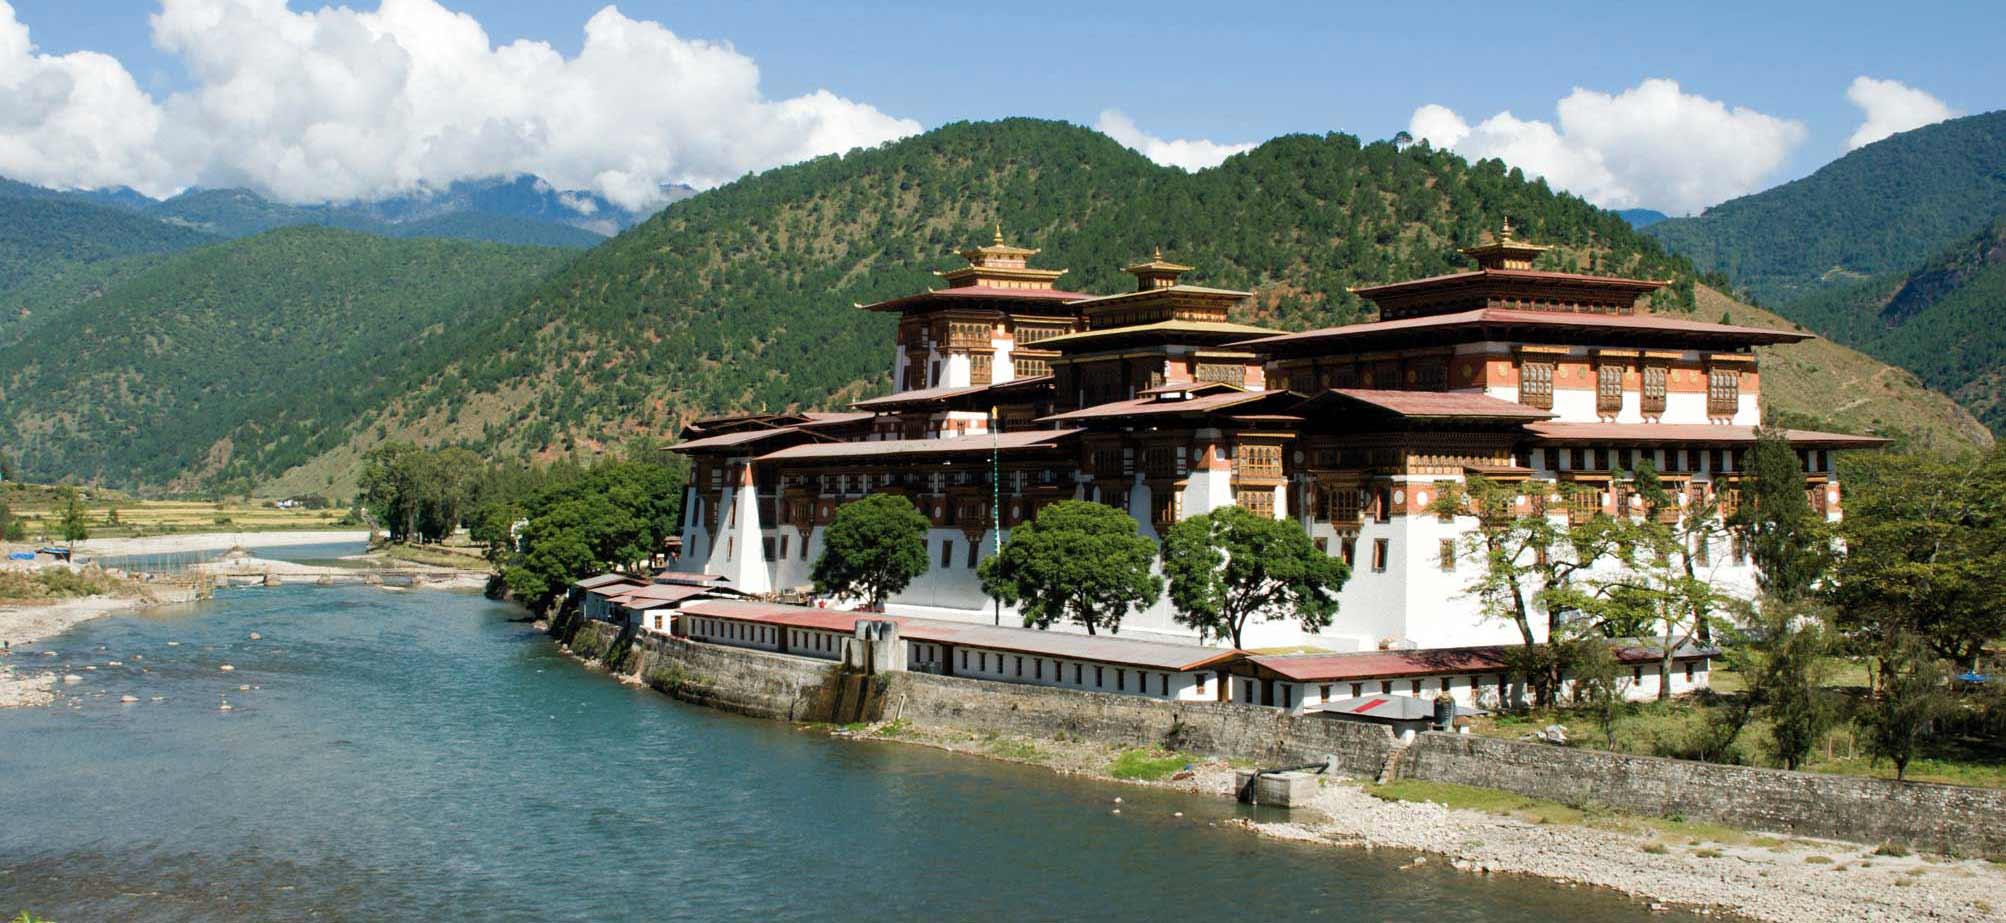 Bhutan Punakh monastery